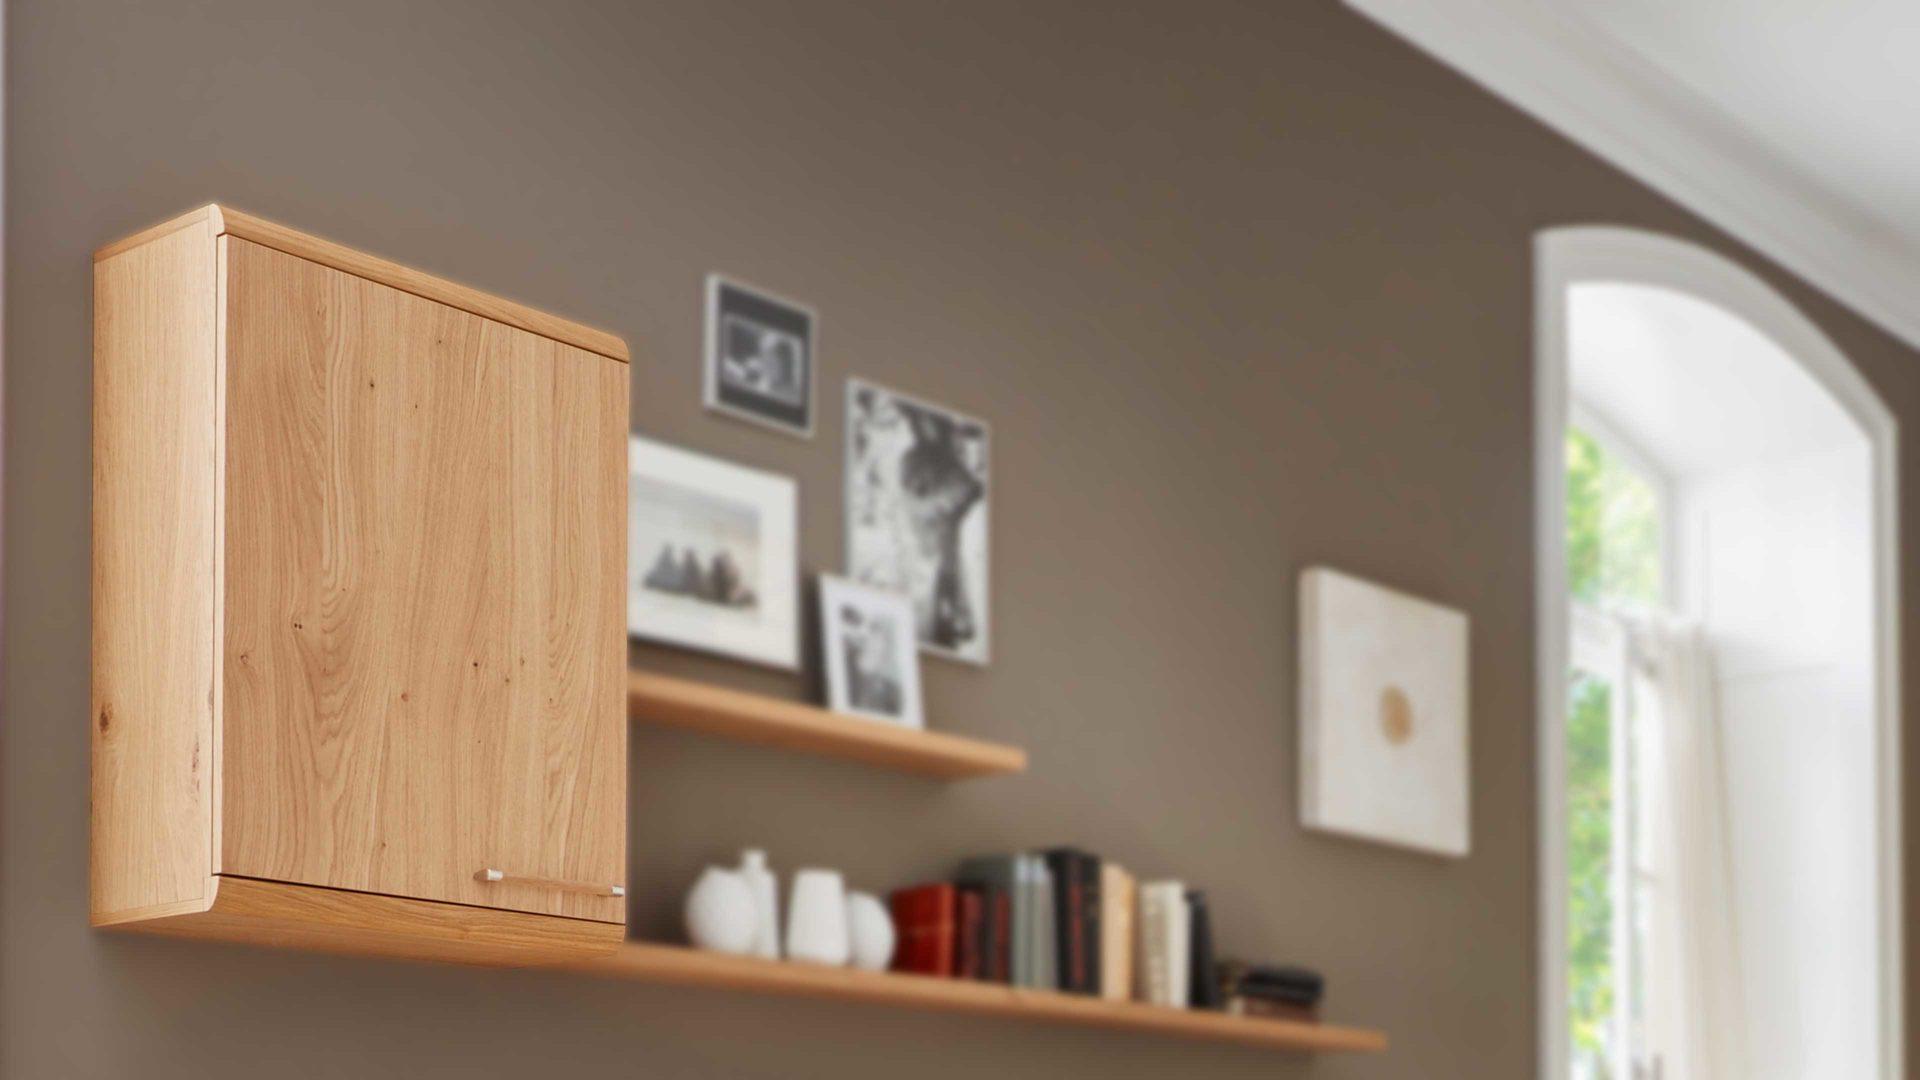 Interliving Schlafzimmer Serie 16 – Hängeschrank 16,  Wildeiche-Echtholzfurnier – eine Tür, rechts